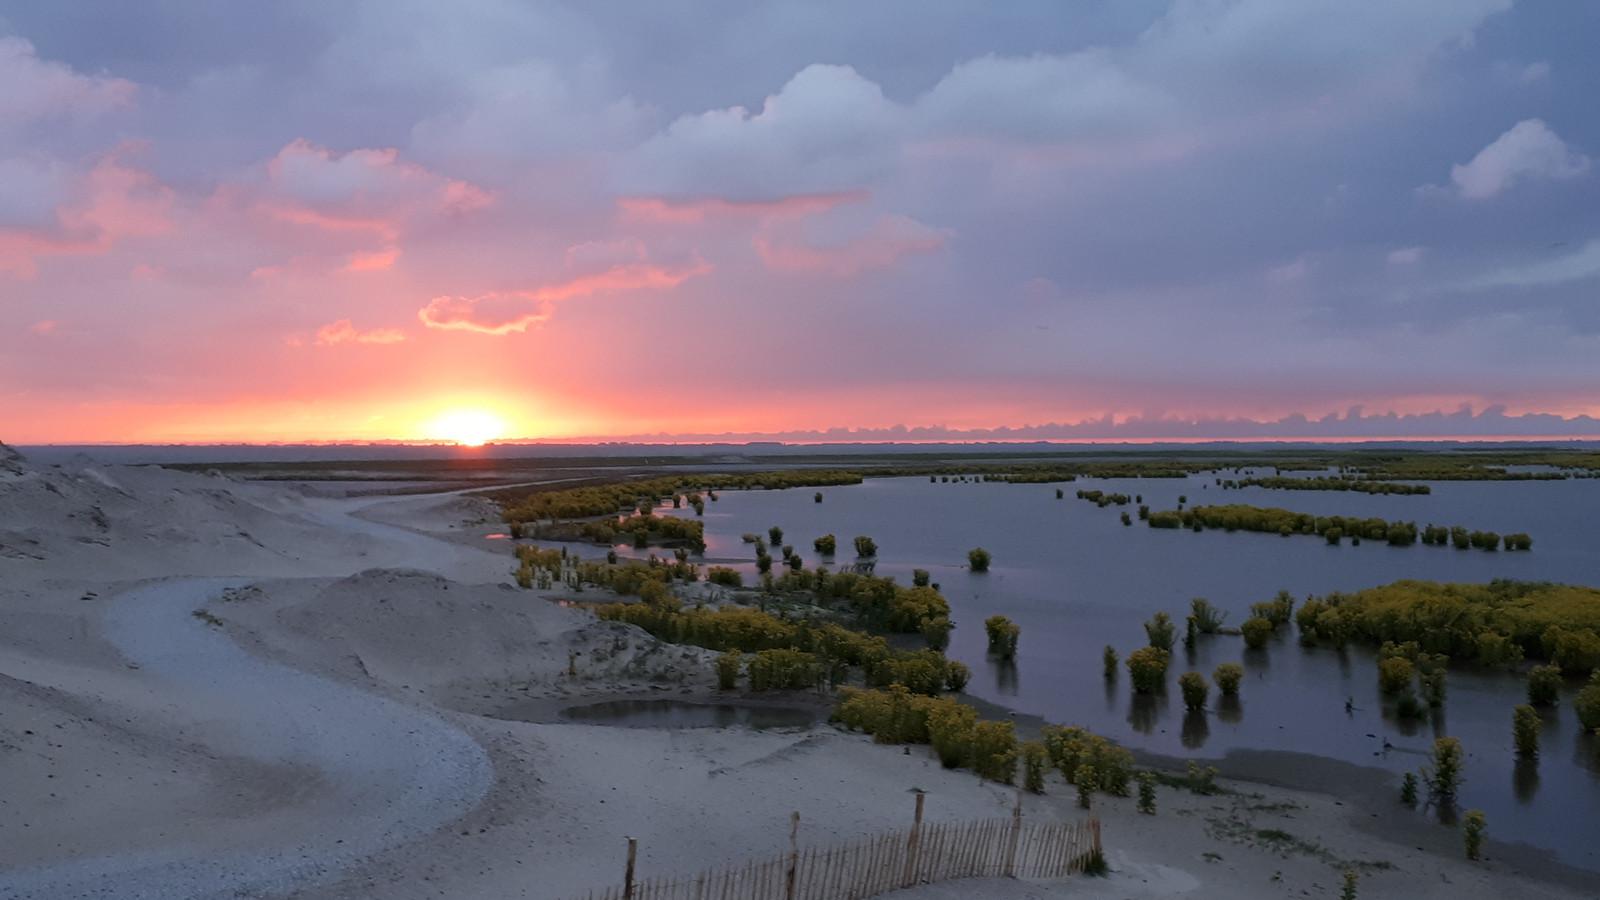 Een van de vijf eilanden van de Marker Wadden is toegankelijk voor publiek, de andere vier eilanden zijn voor de natuur. Het is in 2016 gestart op initiatief van Natuurmonumenten en Rijkswaterstaat. Doel van het project is ecologisch herstel door verbetering van de bodem- en waterkwaliteit.